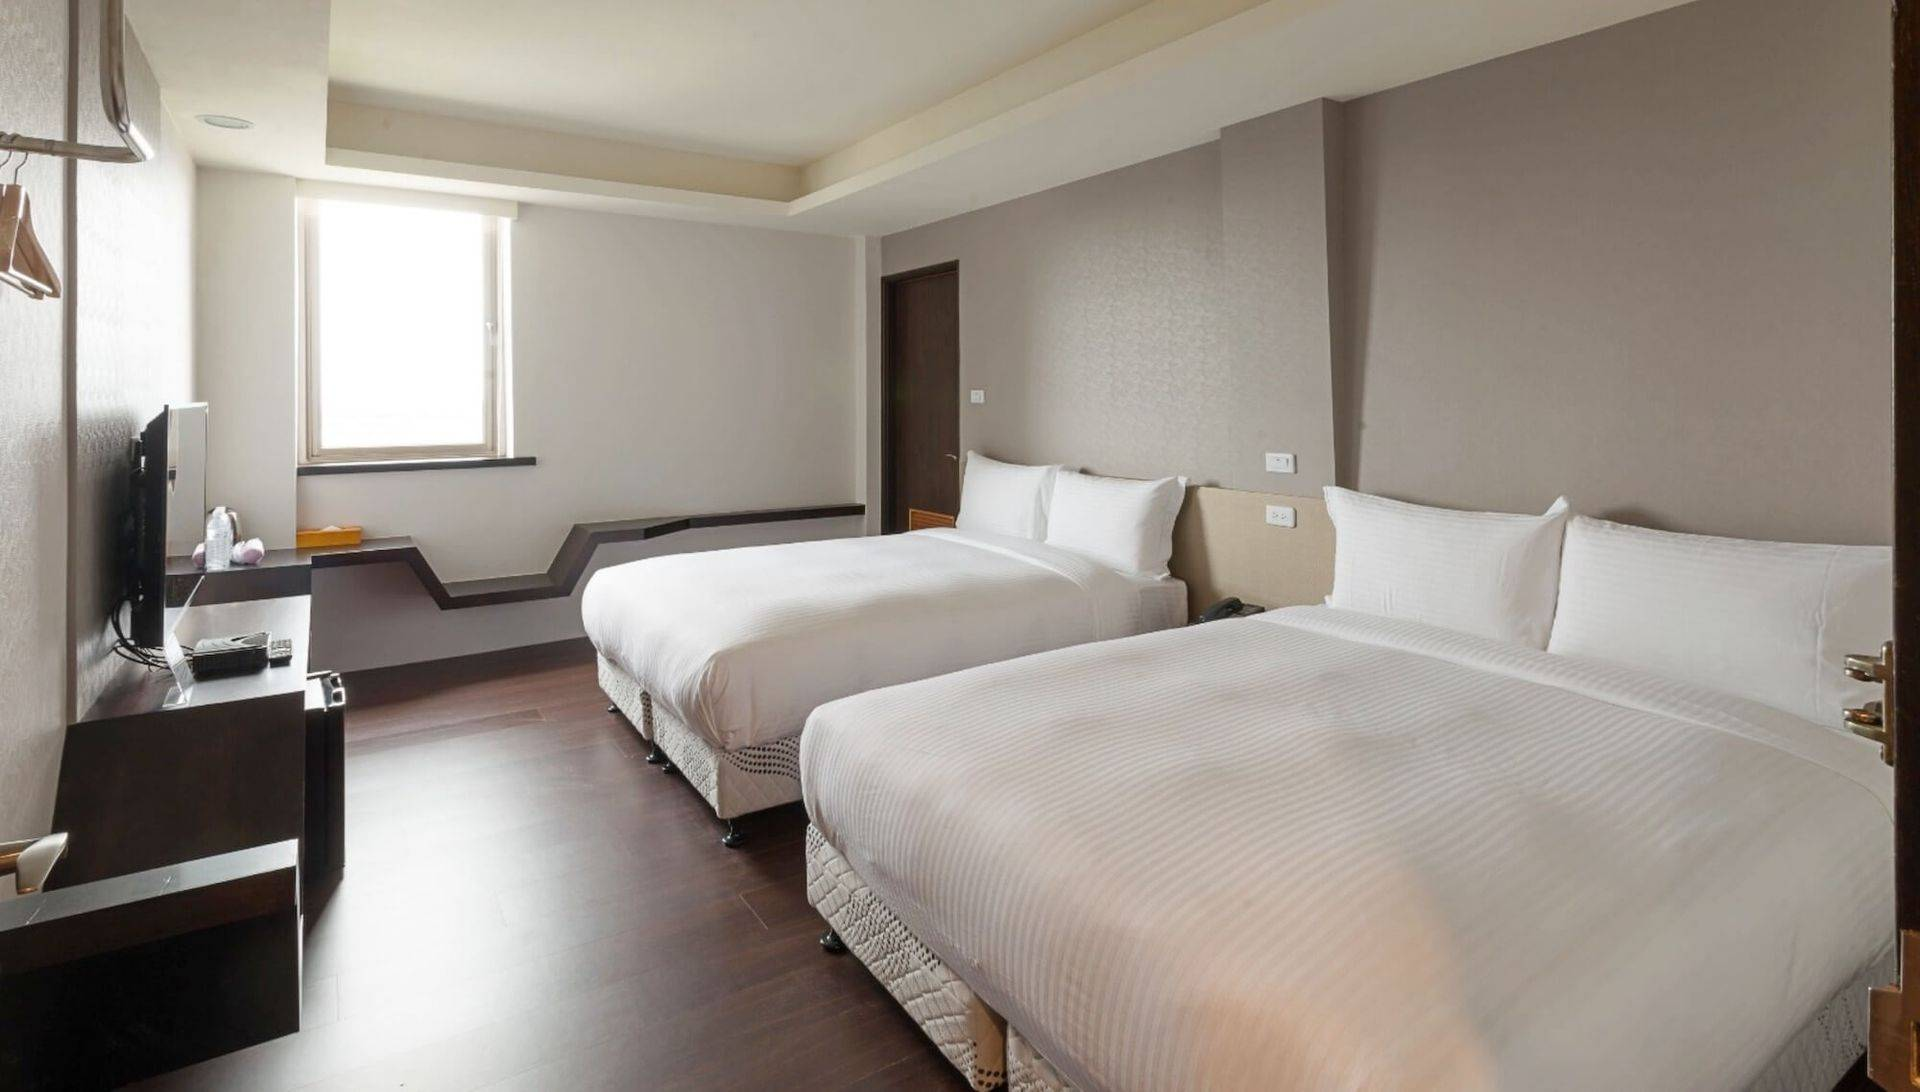 溫泉!宜蘭飯店-熱門宜蘭飯店-礁溪若輕溫泉飯店